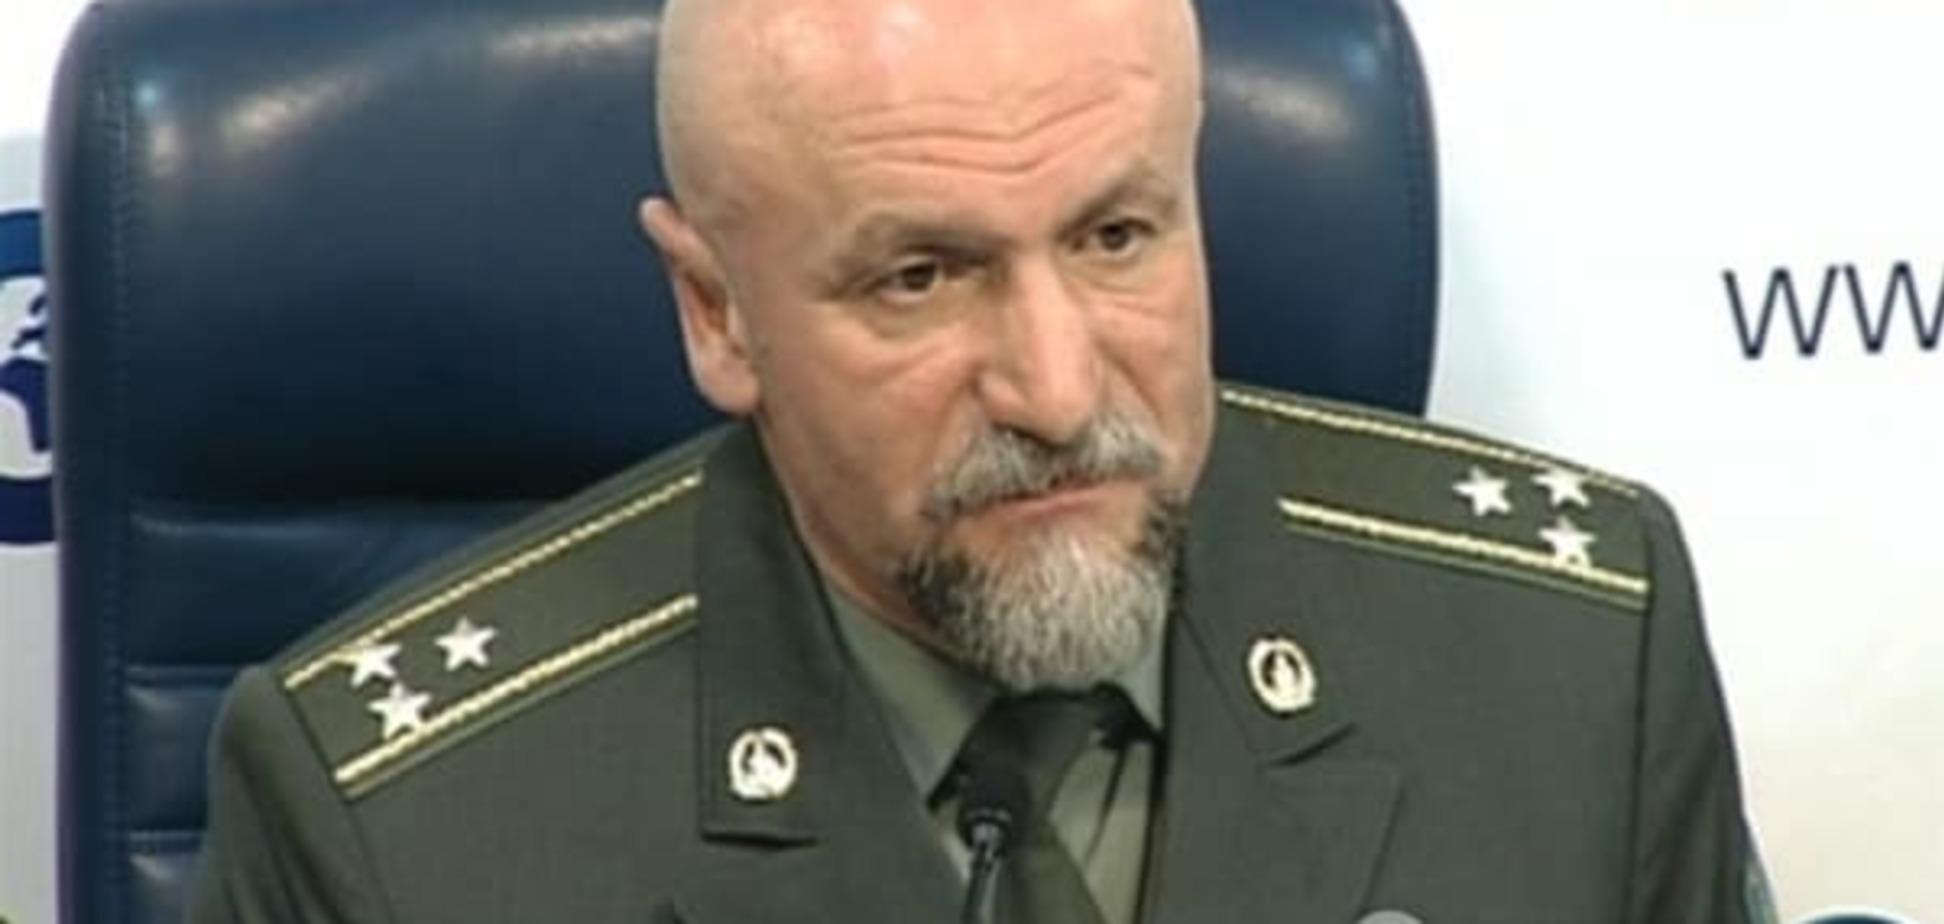 Полковник: що в голівці в 'бонапартика' Путіна - знає тільки психіатр